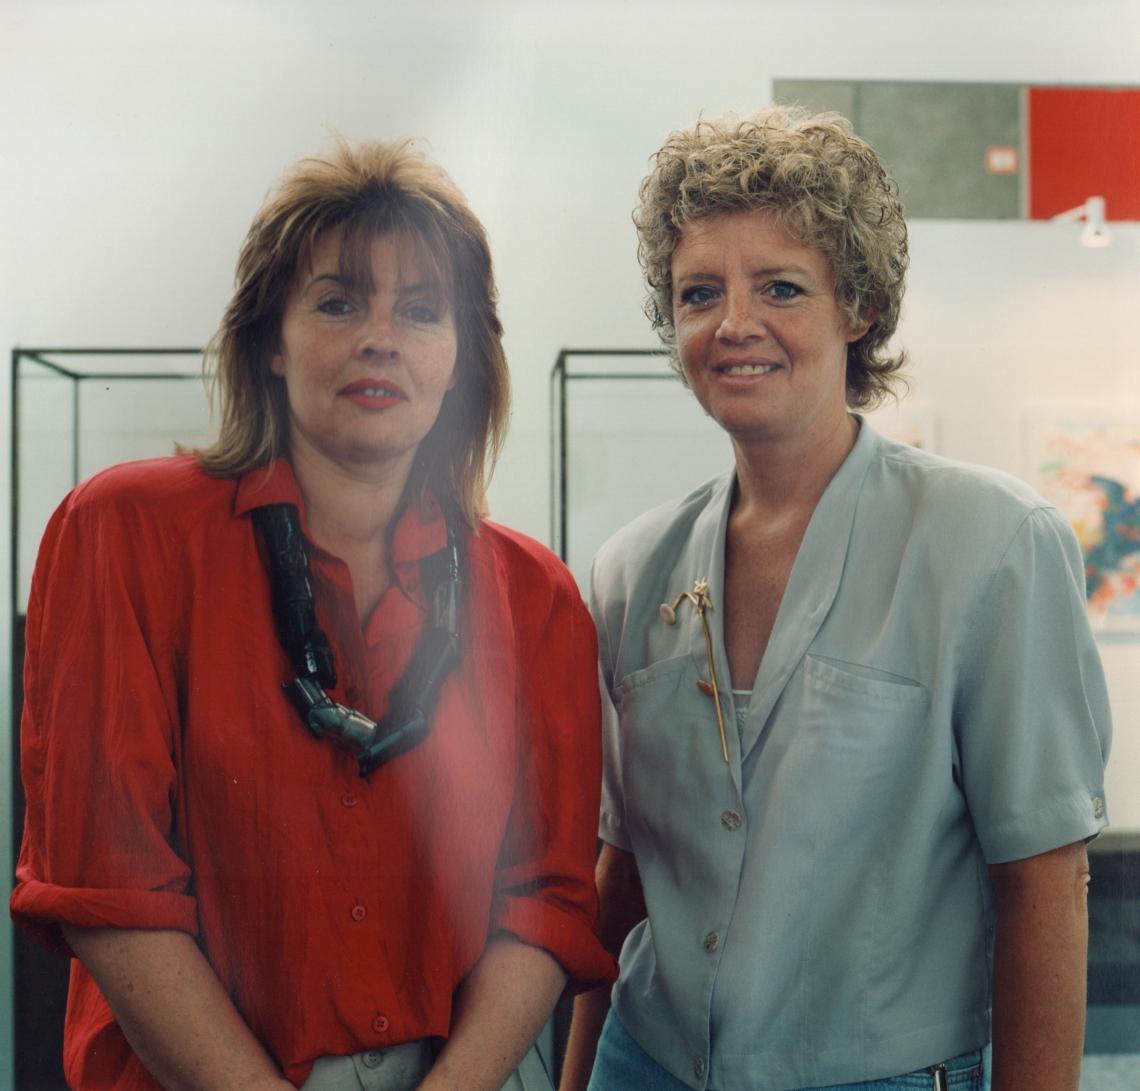 Louise Smit met assistent Rita van der Wallen op KunstRAI 1989. Foto met dank aan Louise Smit©